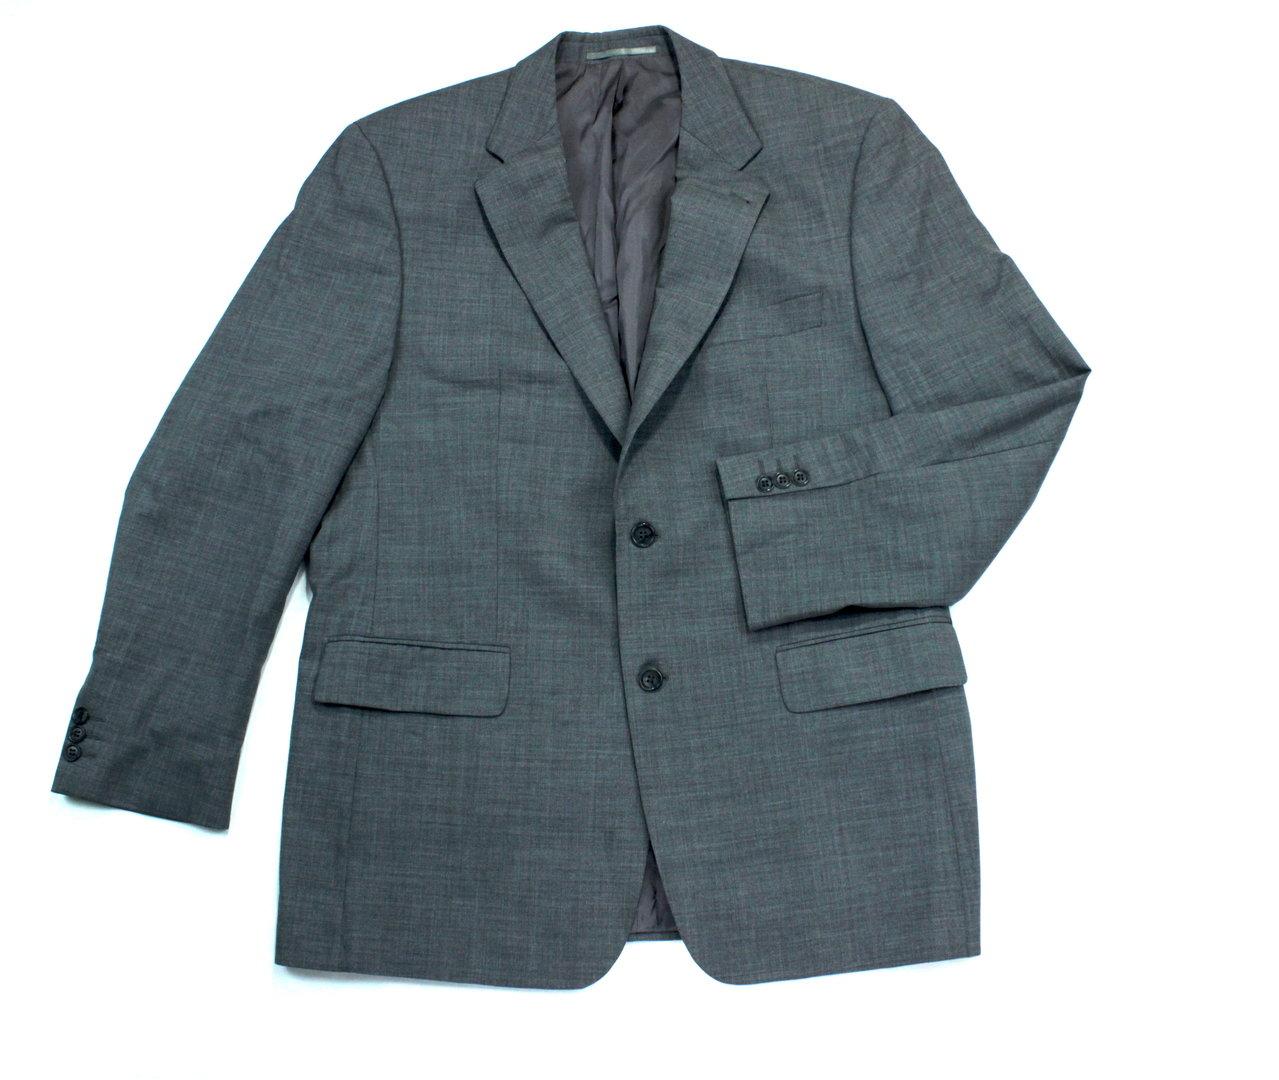 FRANCO CALLEGARI Anzug Jacke Sakko Herren Wolle grau 32